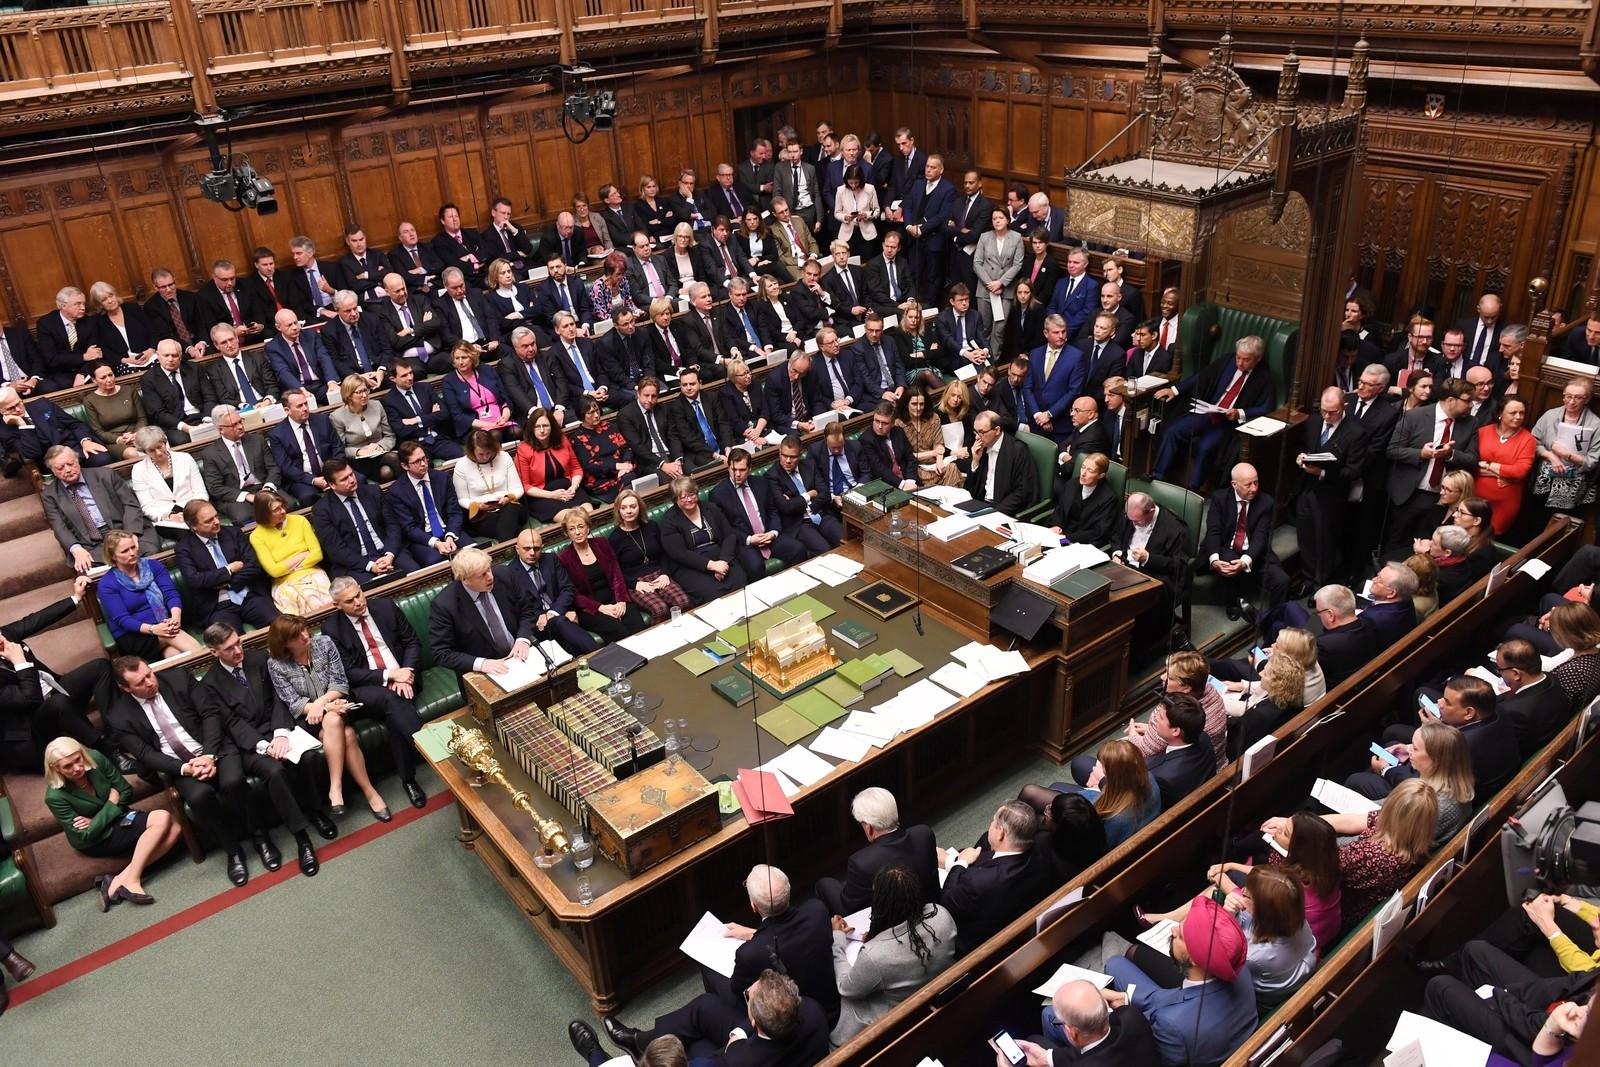 2019-10-19t102906z-1251317178-rc1b5bc64db0-rtrmadp-3-britain-eu-parliament